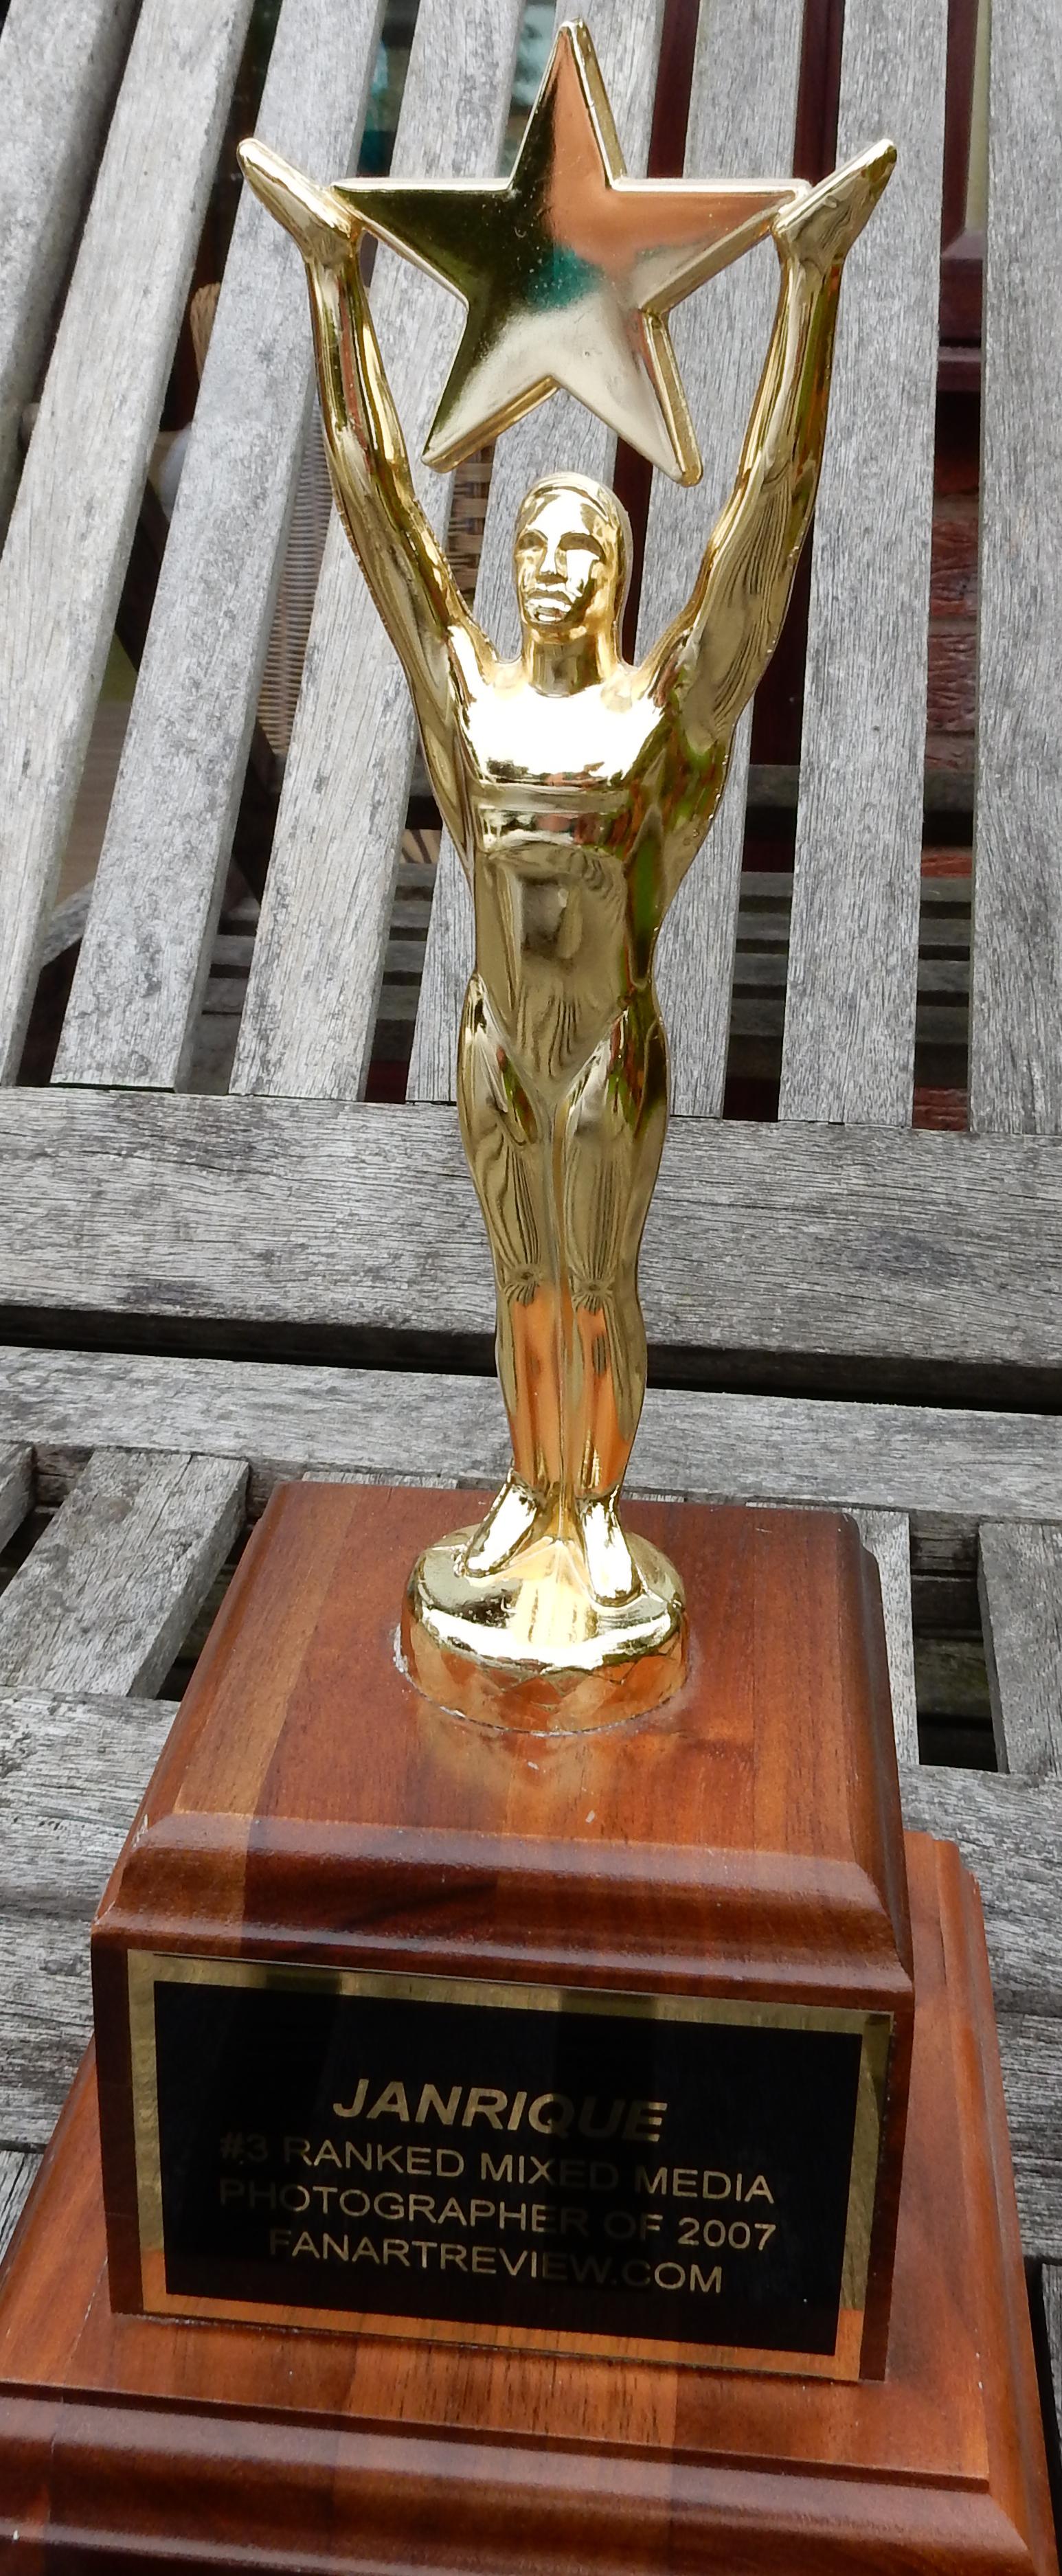 2007 Award